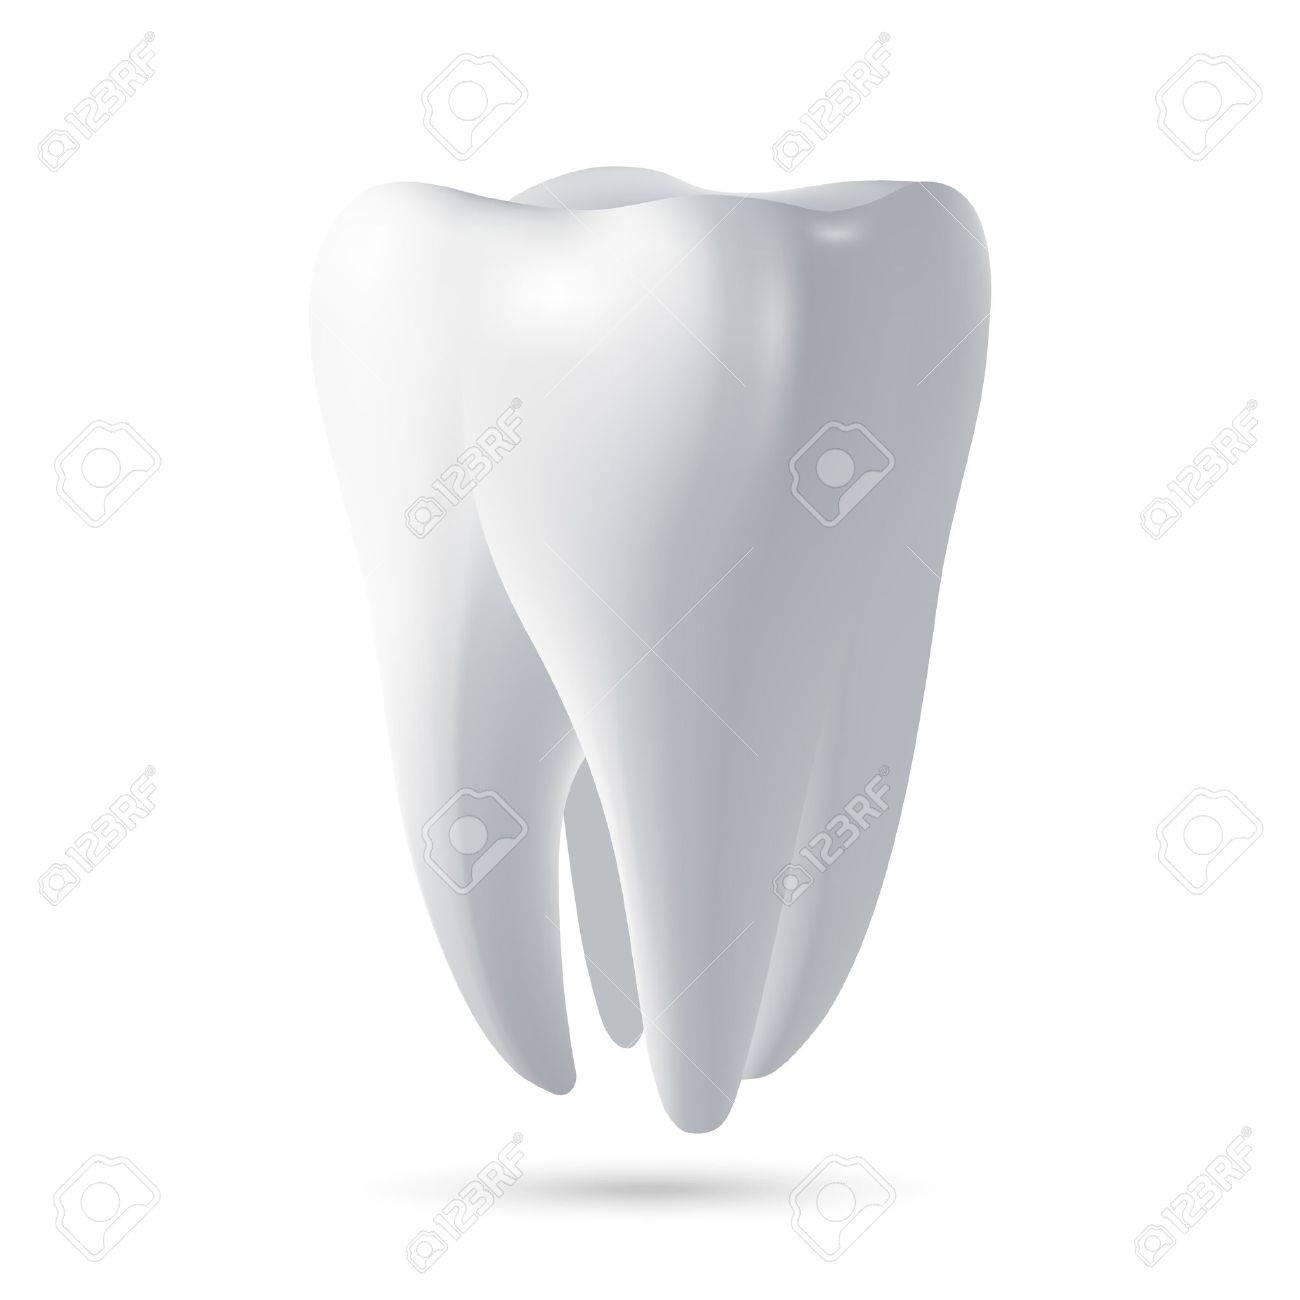 Tooth, 3D render. Dental, medicine and health concept design element. Vector EPS10 illustration. - 48795073